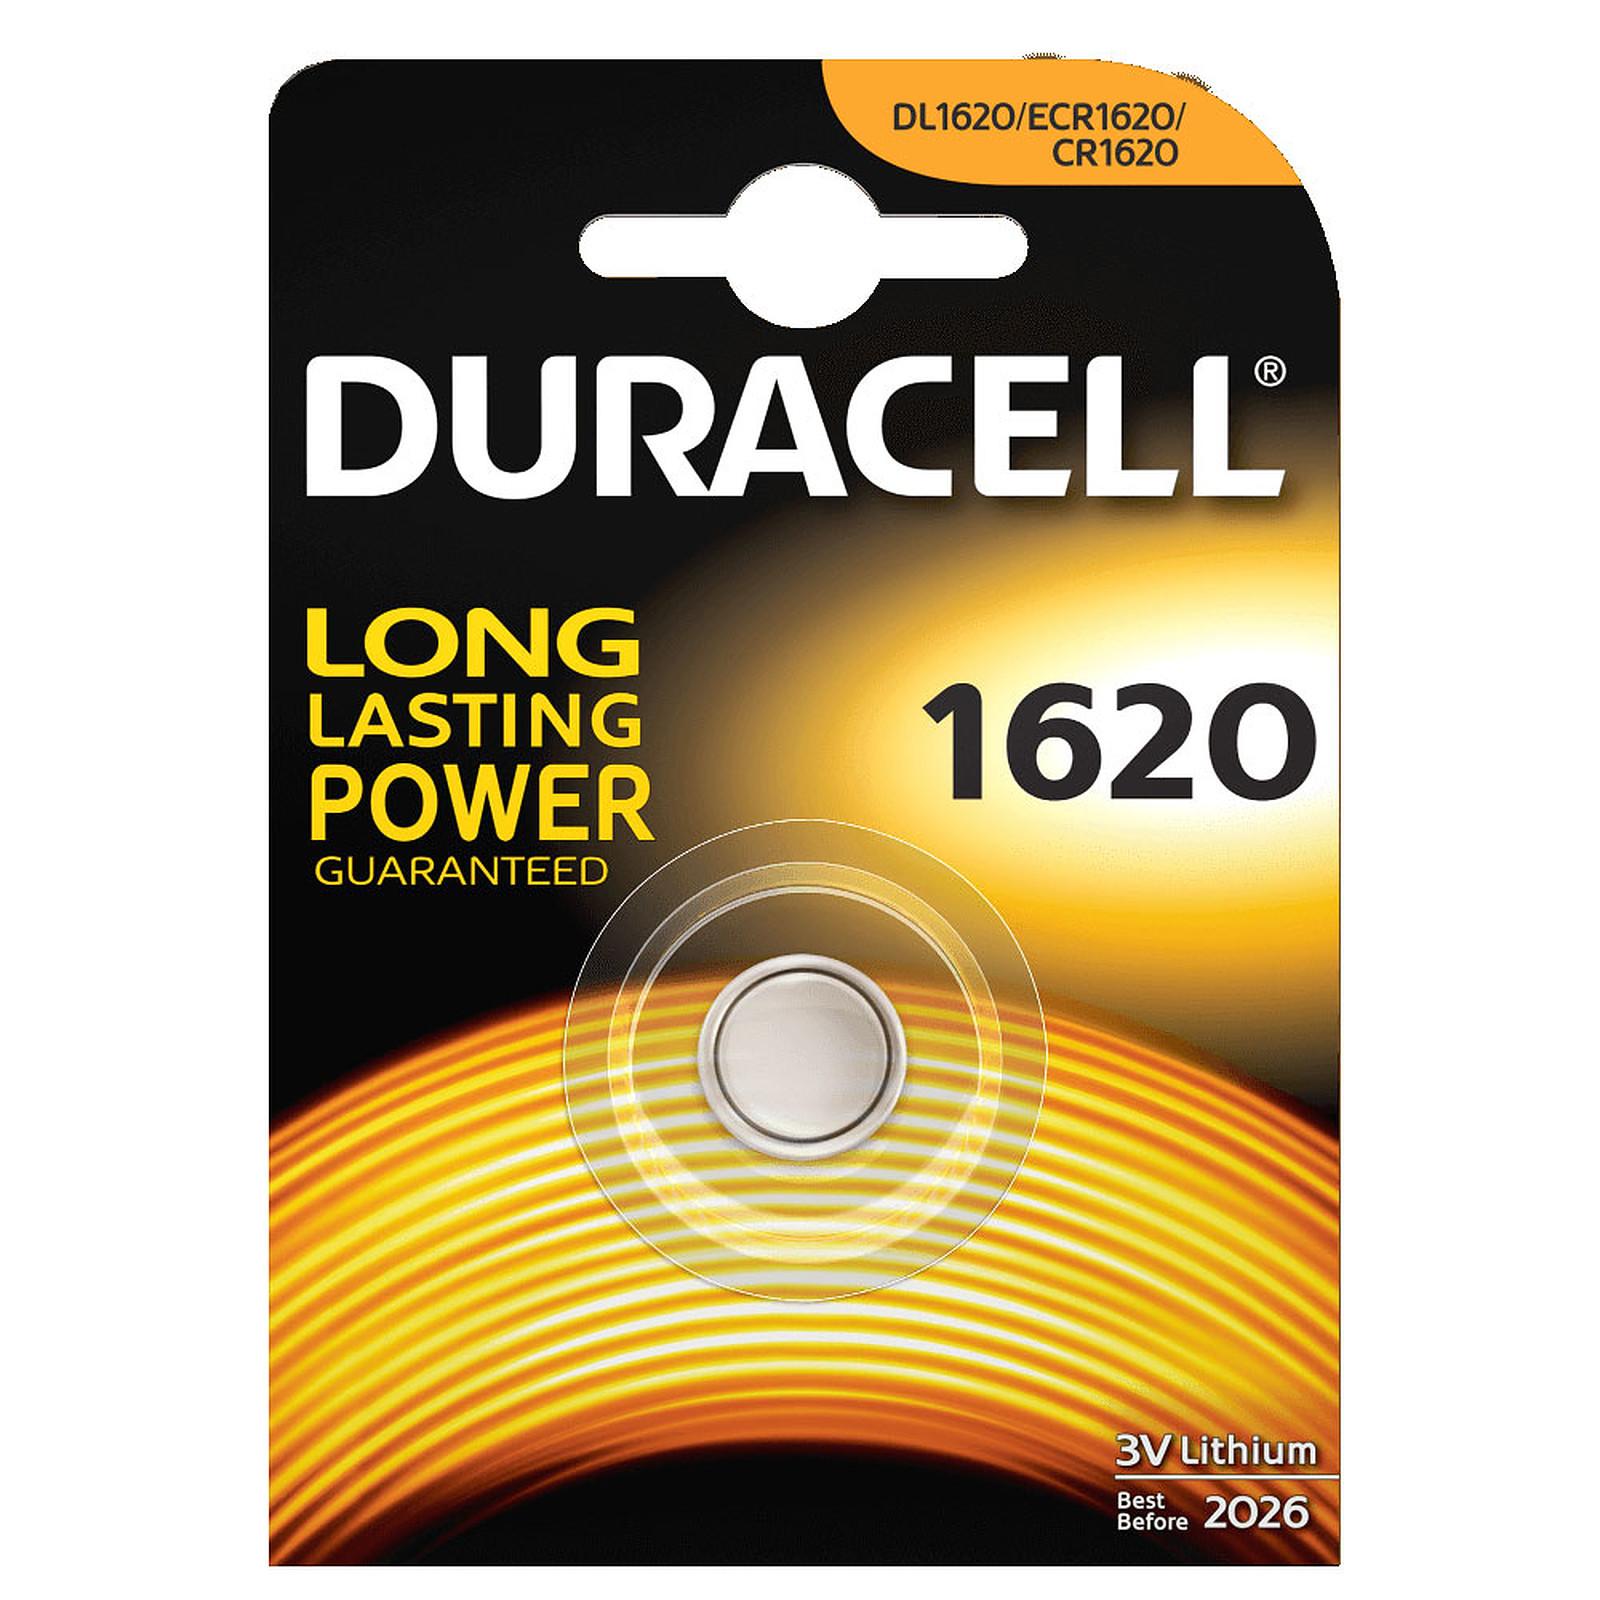 Duracell 1620 Lithium 3V